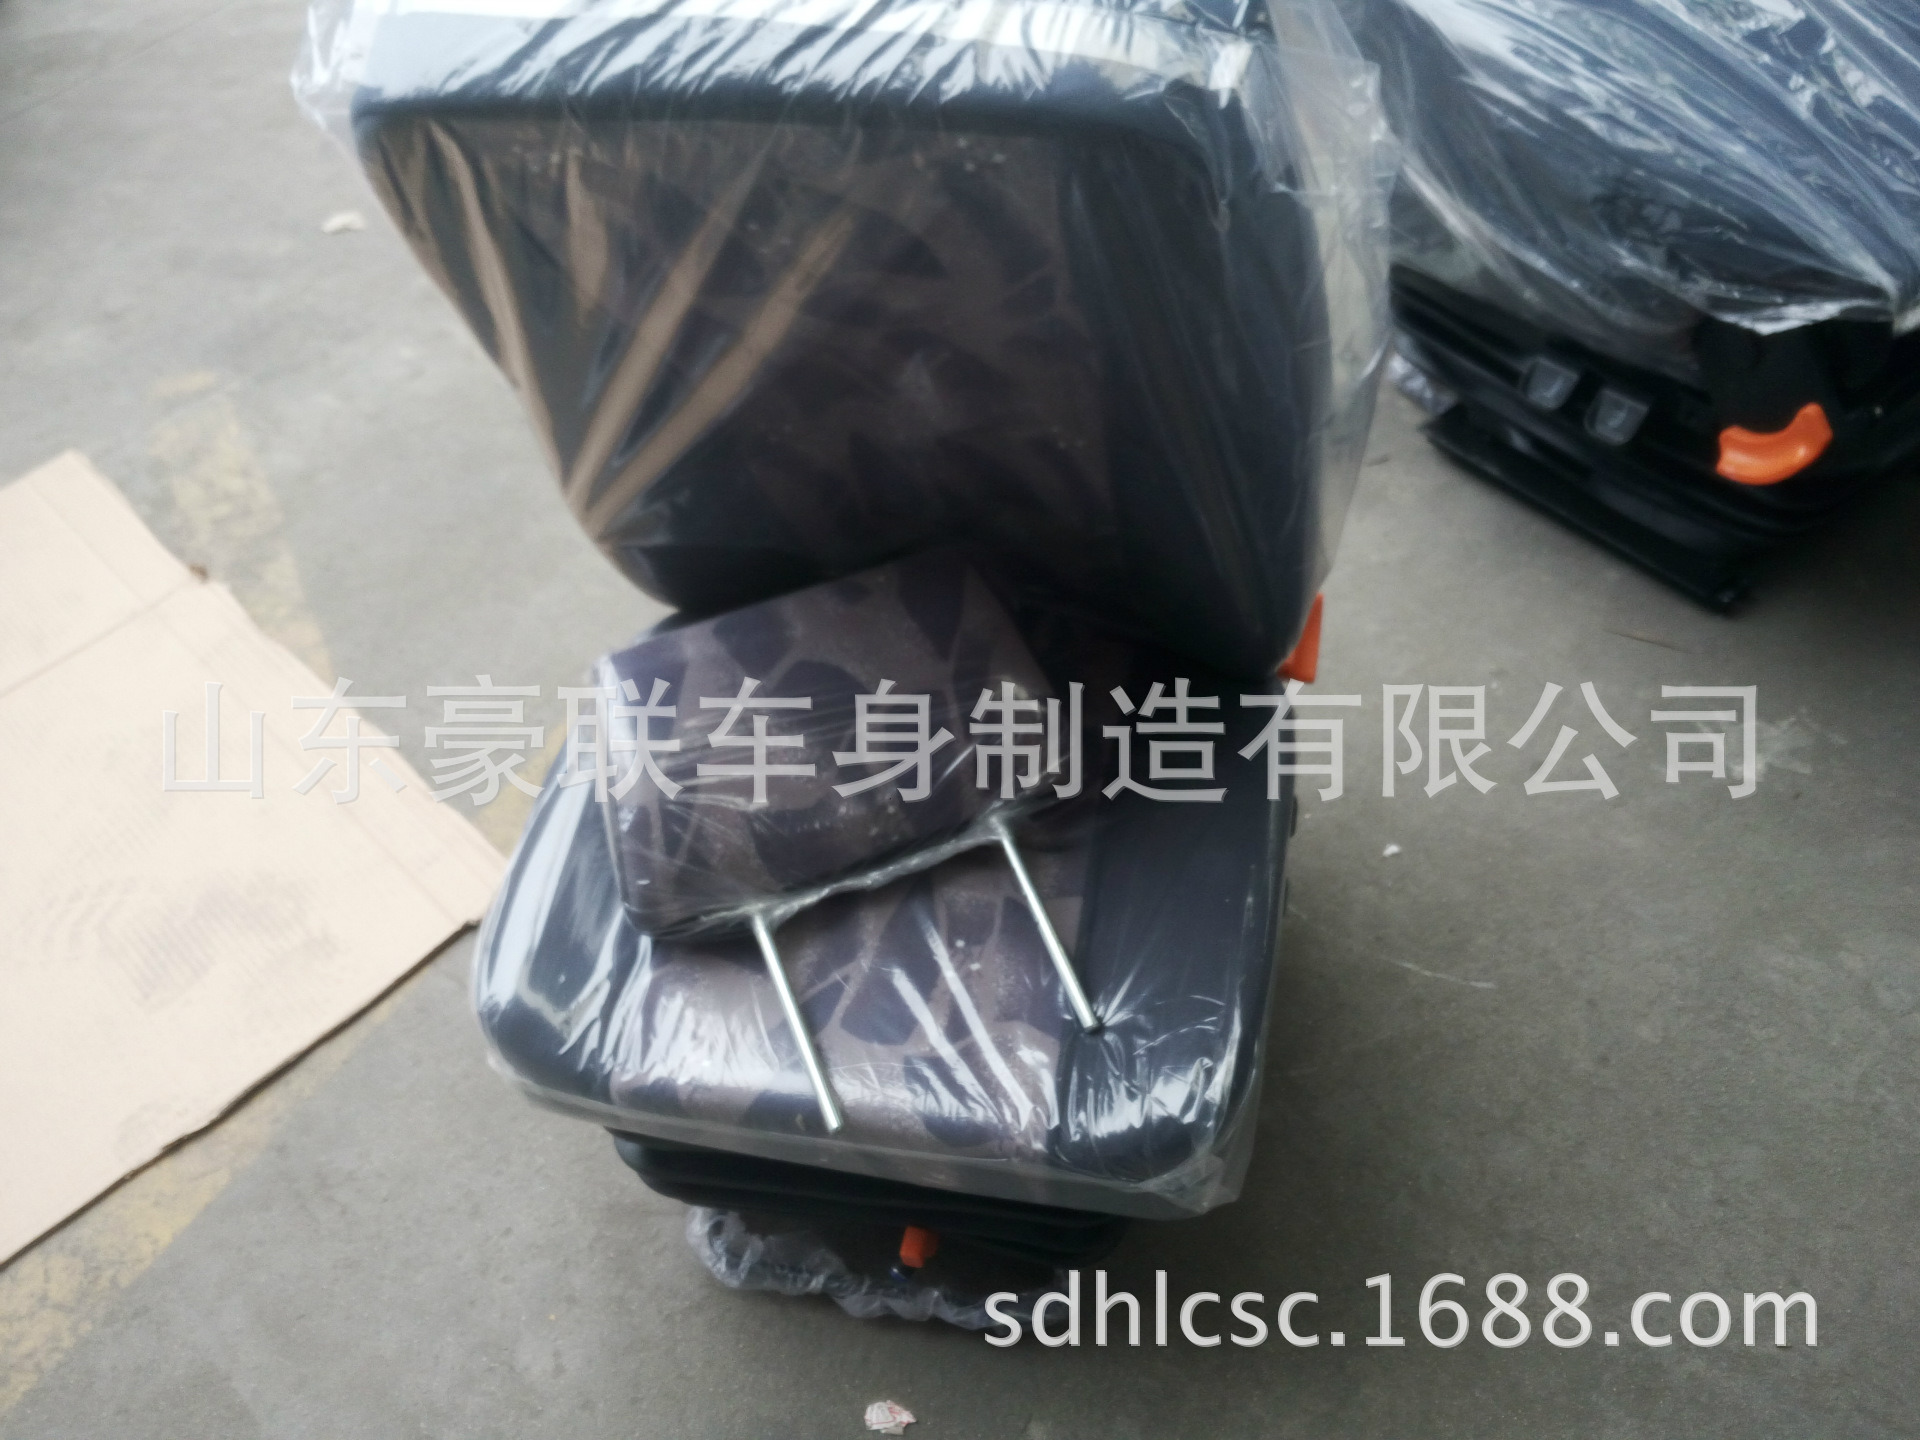 金王子气囊座椅 (3)